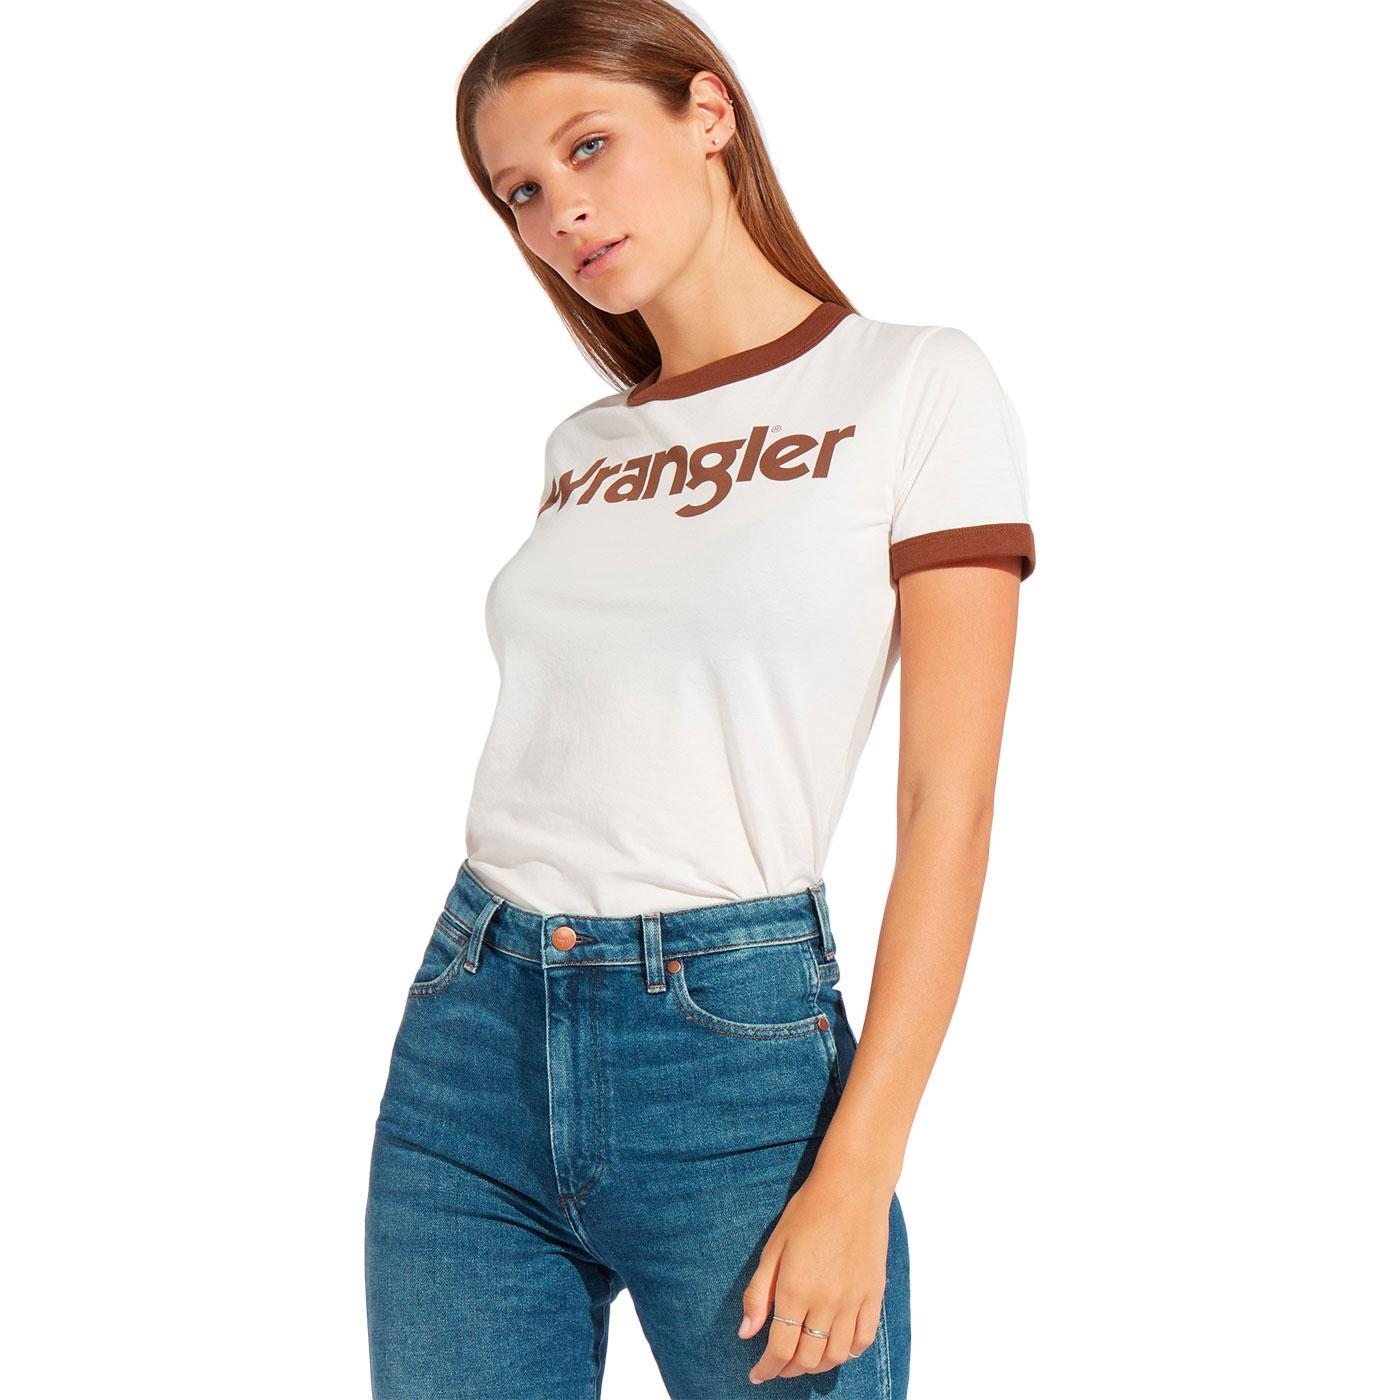 WRANGLER Women's Retro 1970s Logo Ringer Tee (PP)